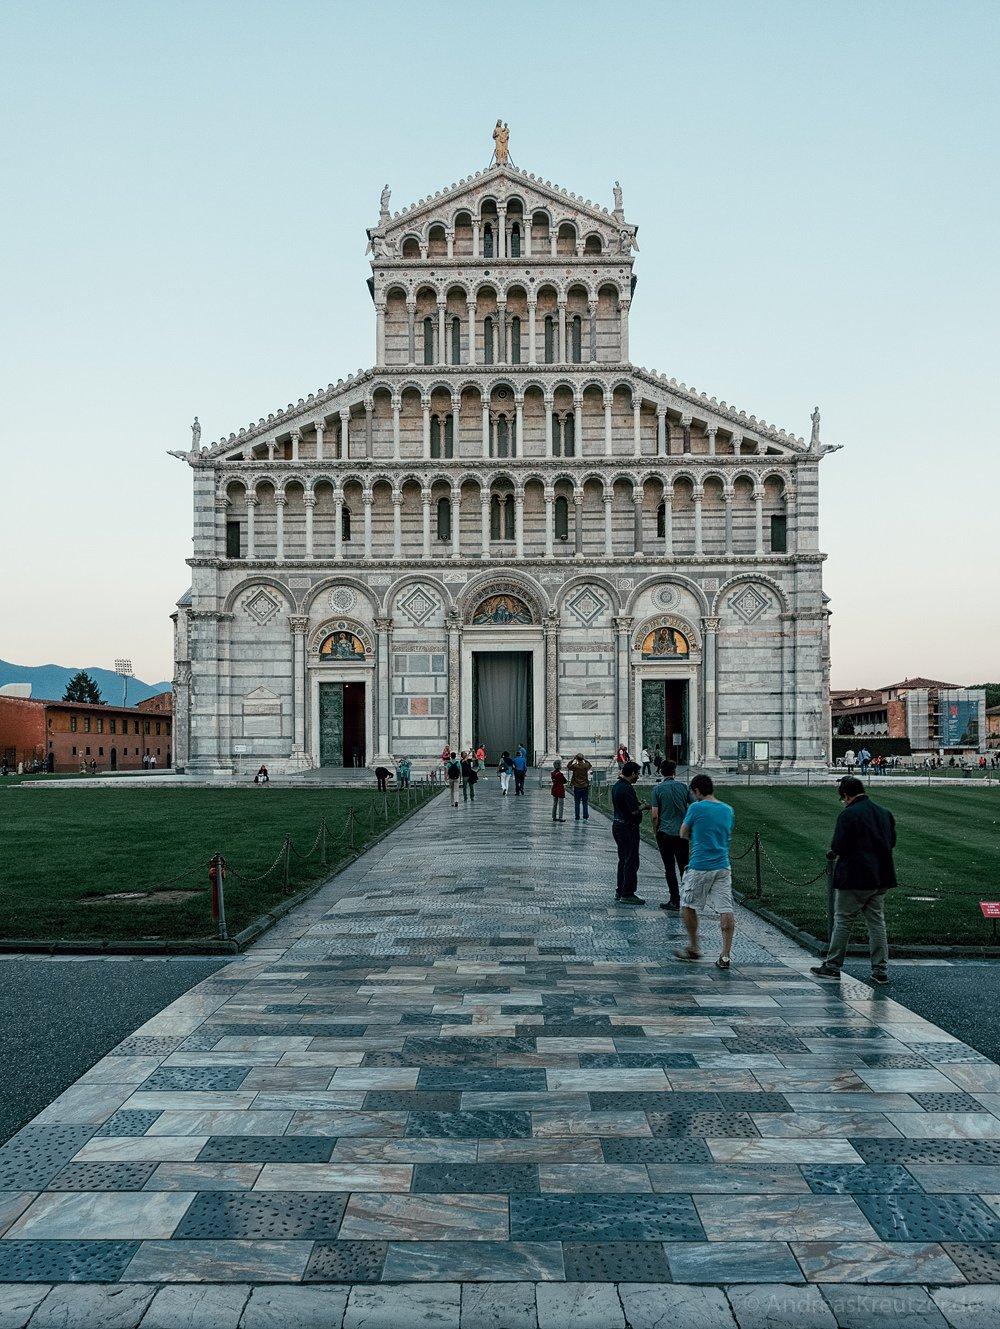 Dom zu Pisa (Duomo di Pisa)